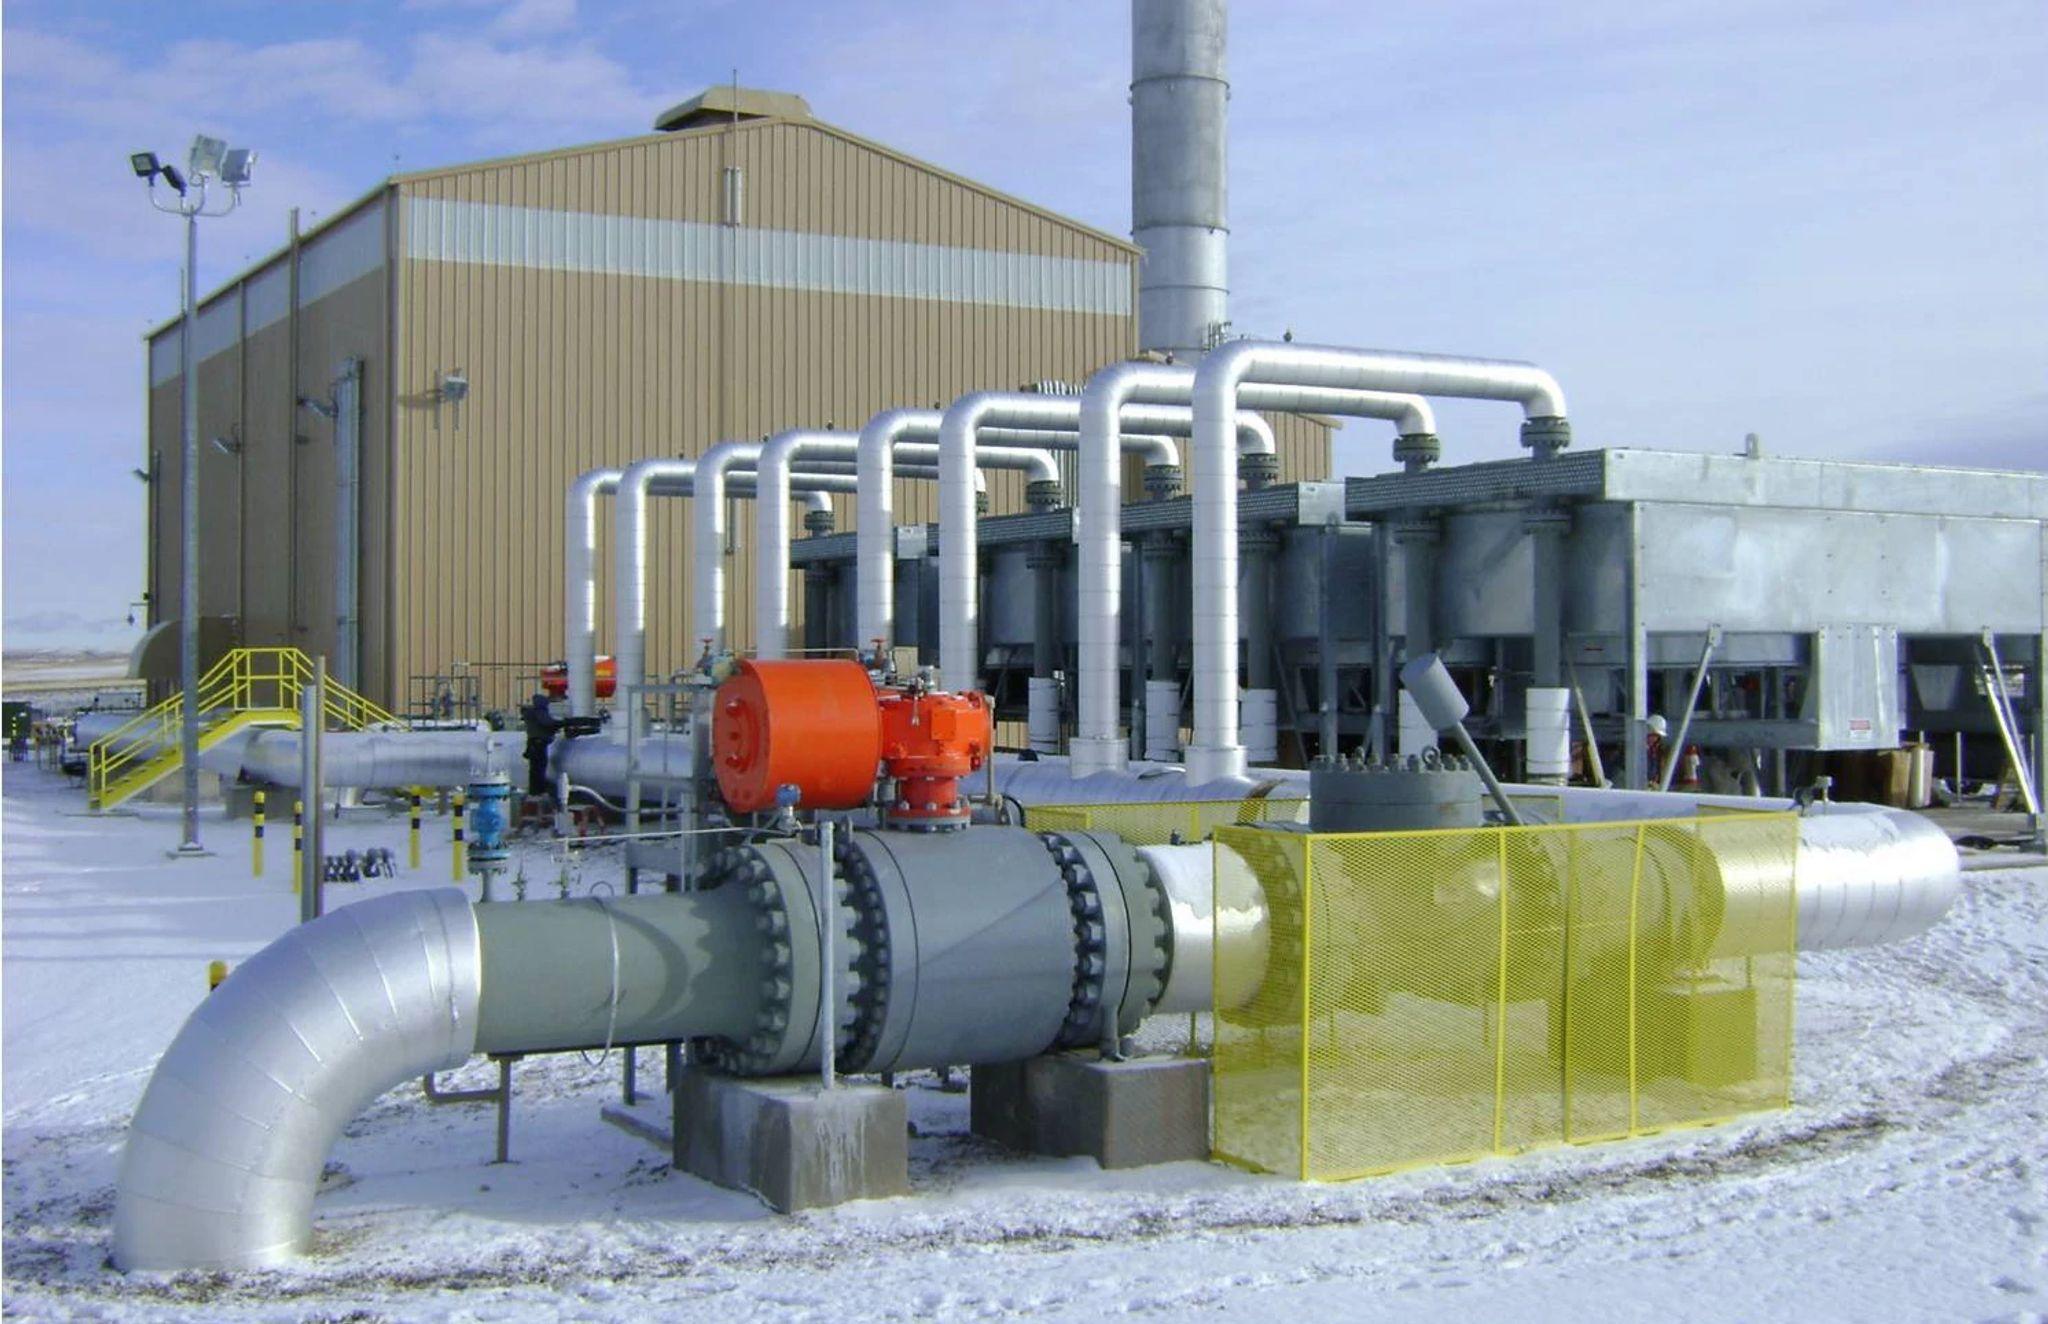 Douglas Compressor Station Expansion